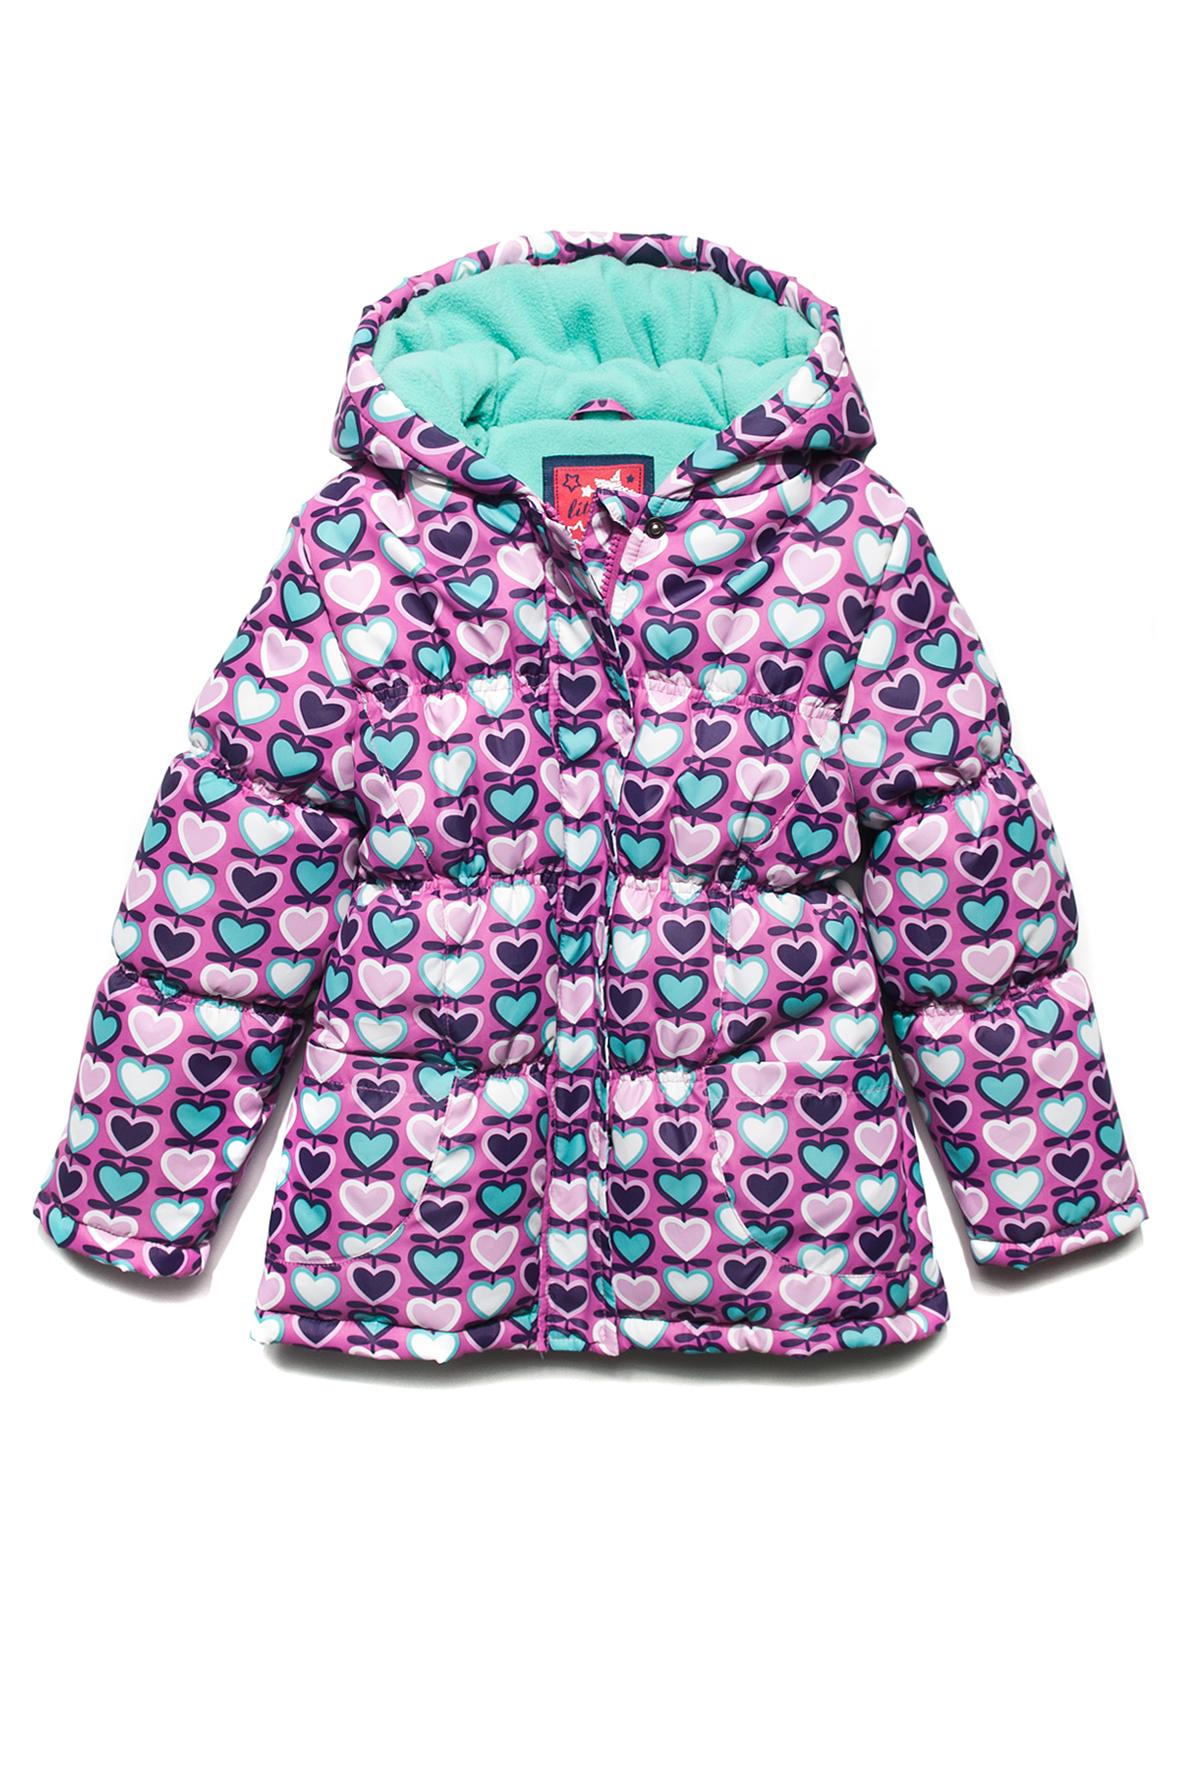 Ubrania dla dziewczynek 5.10.15 (źródło: www.51015kids.eu)